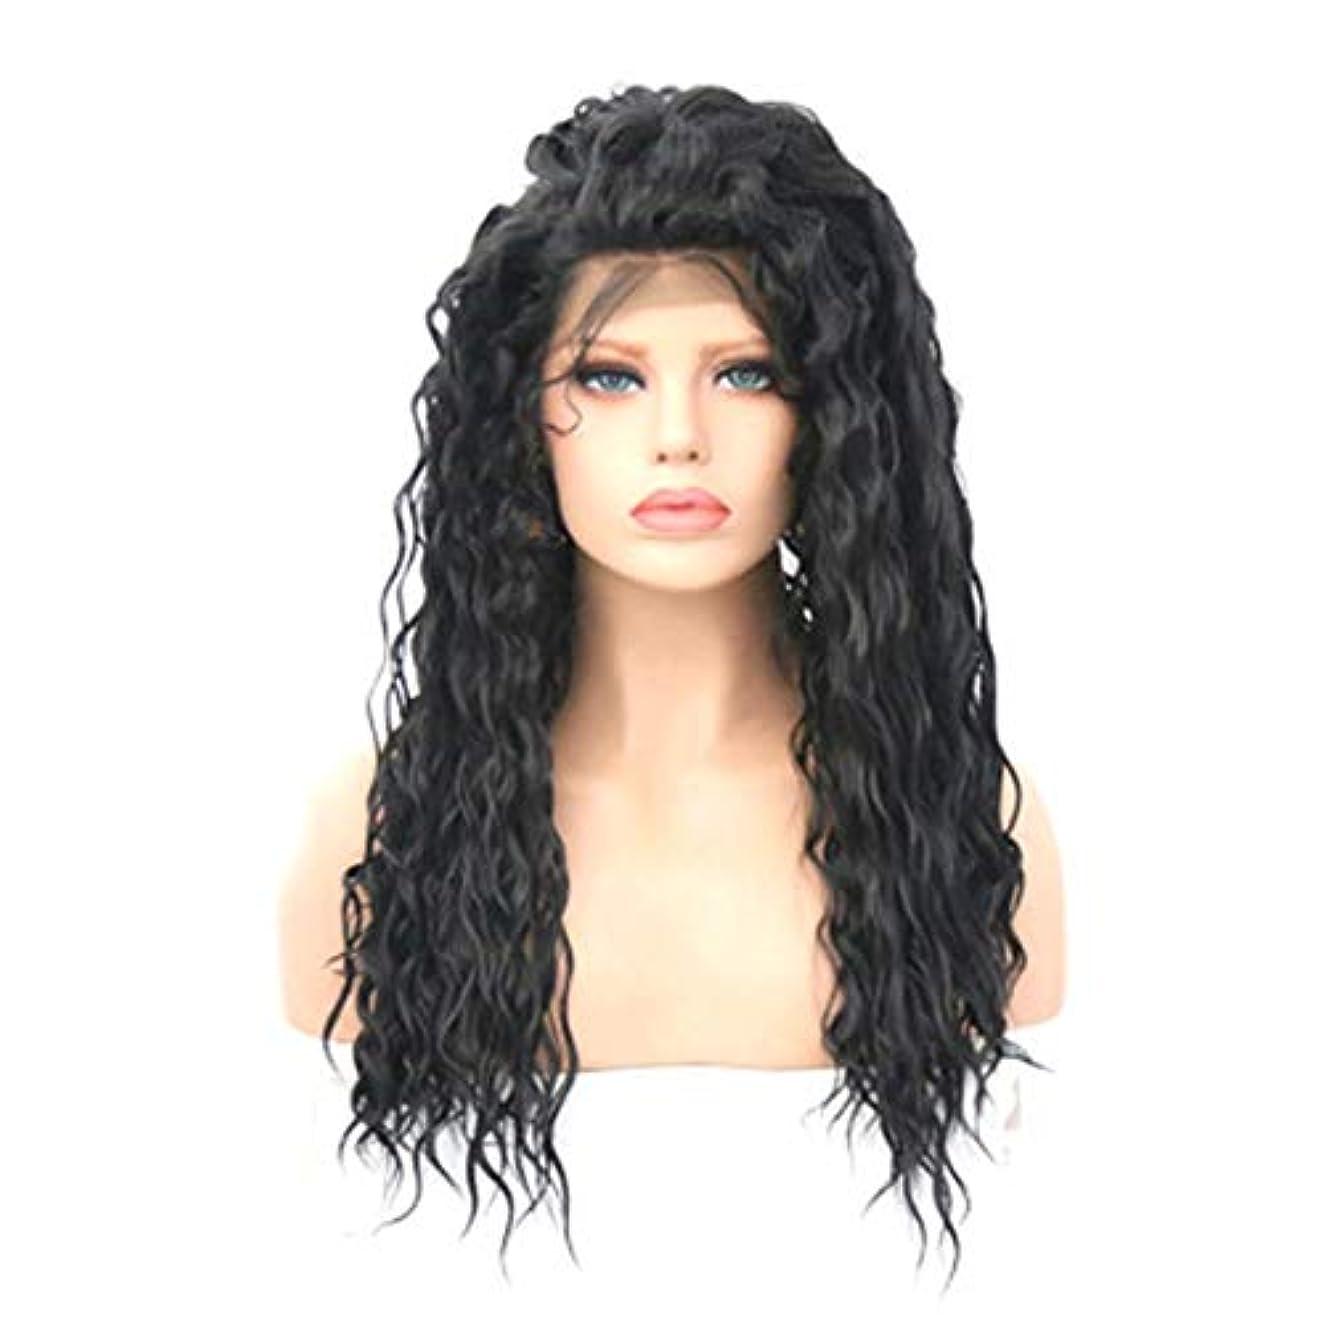 候補者前投薬東ティモールヘアピース ヨーロッパおよびアメリカの女性の長い巻き毛の手仕事のレースの化学繊維の毛のかつらの帽子